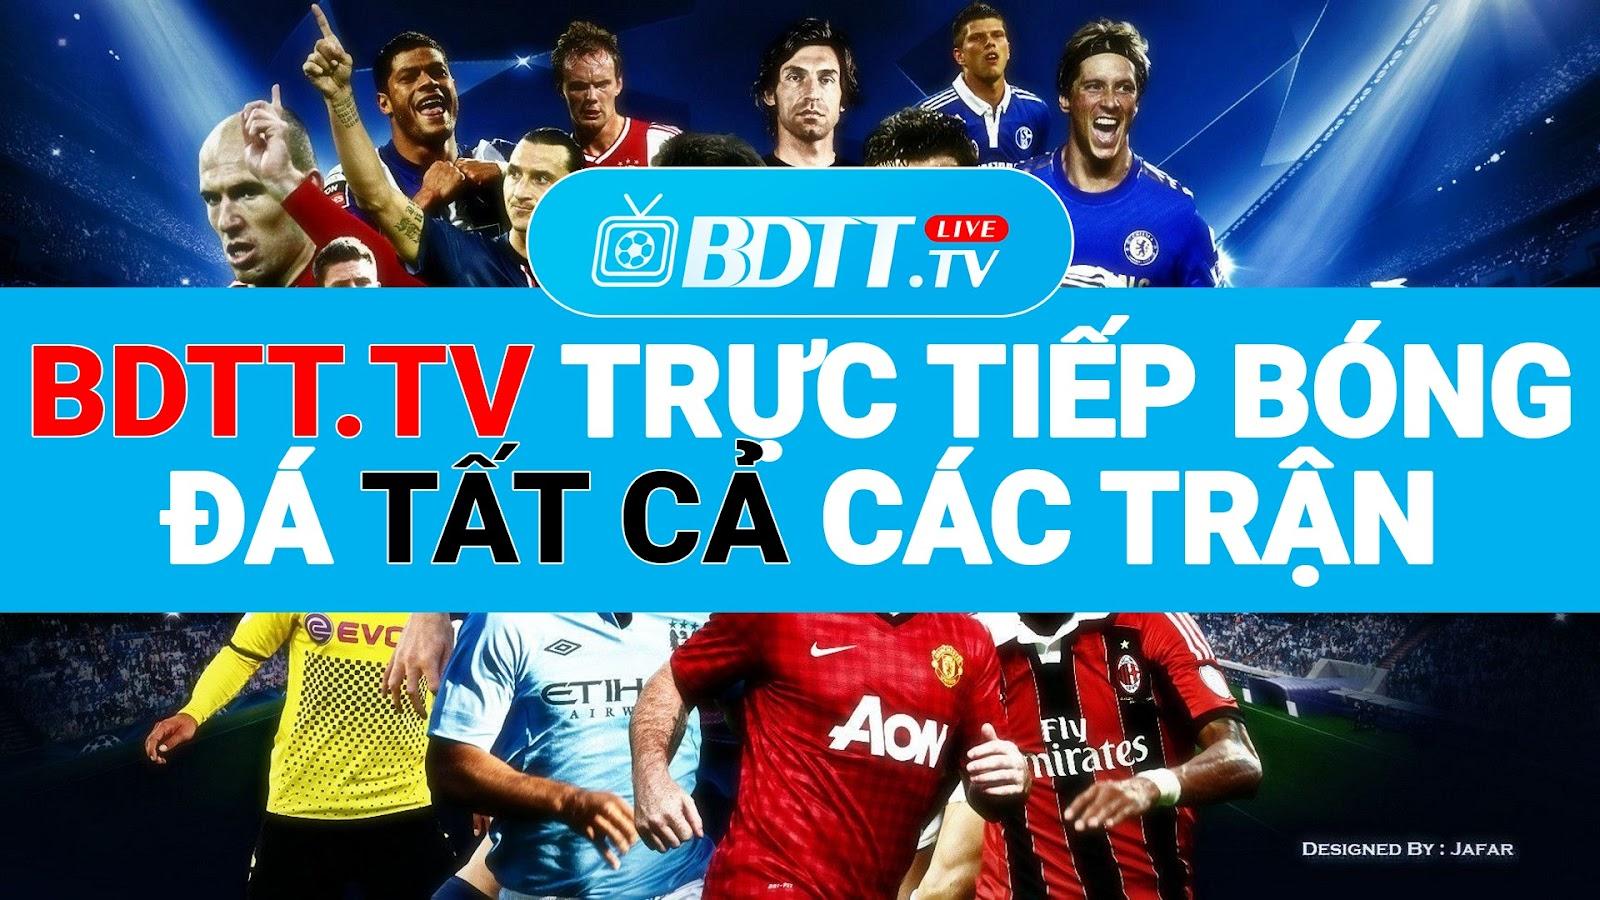 Nếu bạn là một fan của bất kỳ giải đấu hay đội tuyển nào như trên thì các bạn đều có thể xem bóng đá trực tiếp tại kênh BDTT.tv - Xem trực tiếp bóng đá miễn phí 100% chất lượng cao, một kênh bóng đá mang lại cho bạn cảm giác hòa nhịp con tim cùng bóng đá.